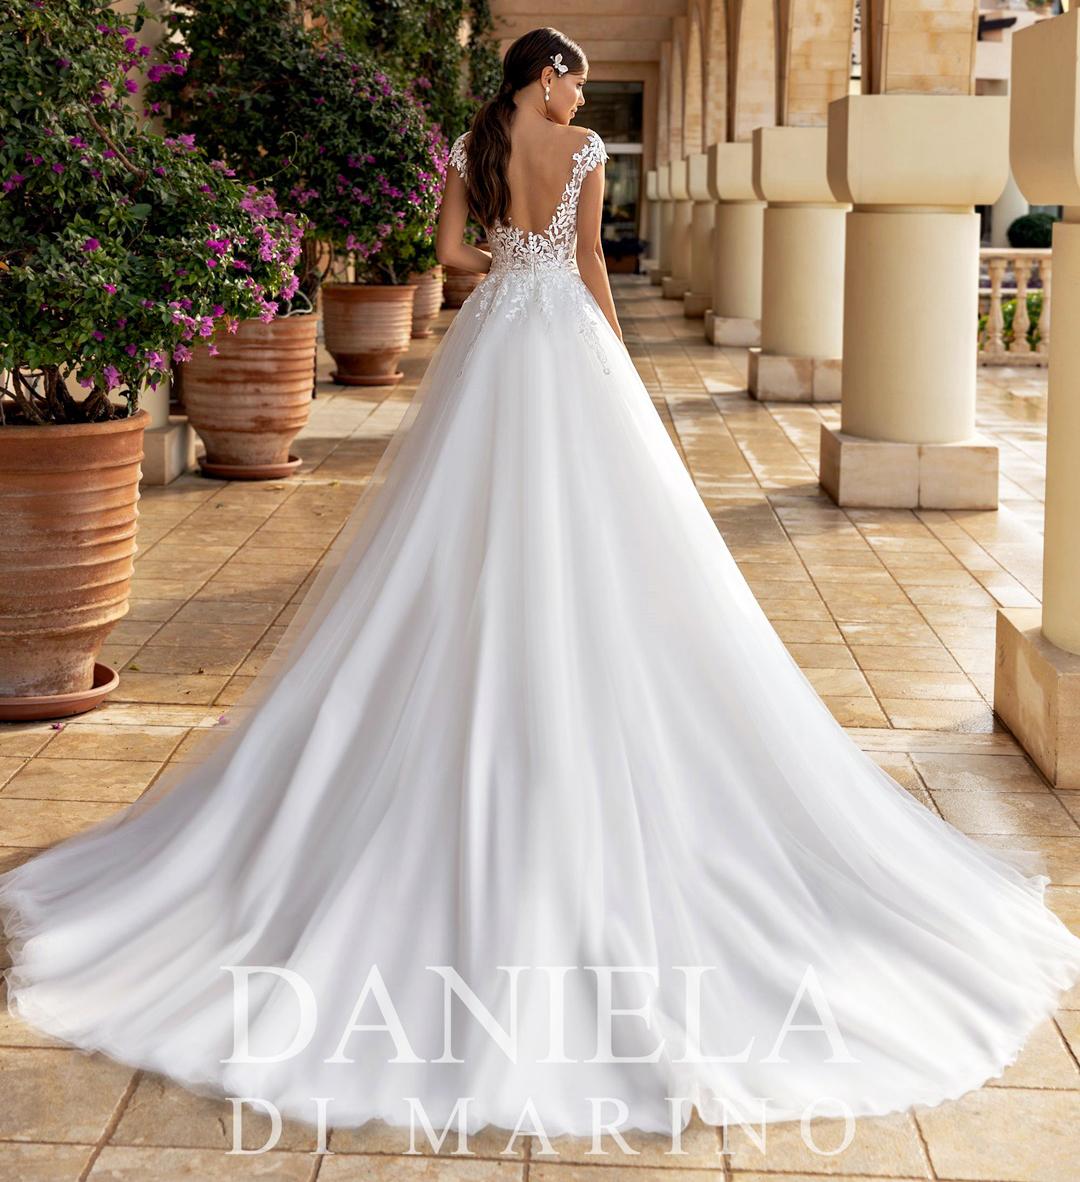 Robe de mariée 6312 - Sybelle en blanc Reims